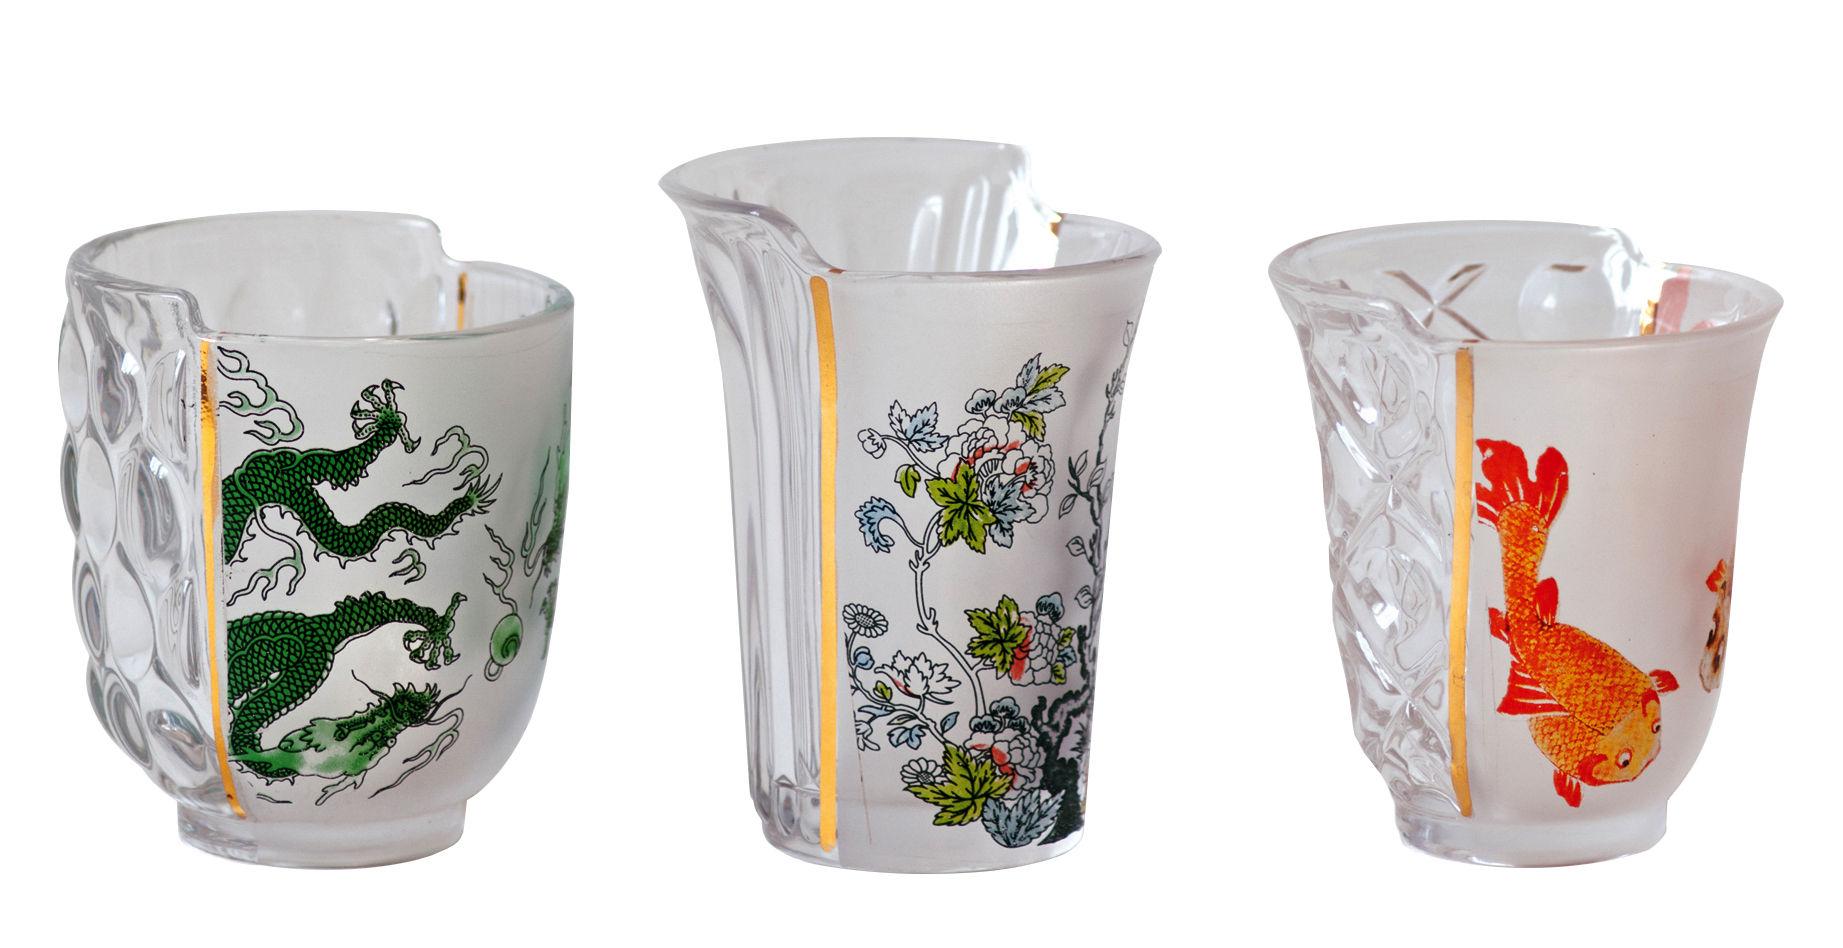 Arts de la table - Verres  - Verre Hybrid Aglaura / Set de 3 - Seletti - Multicolore - Verre